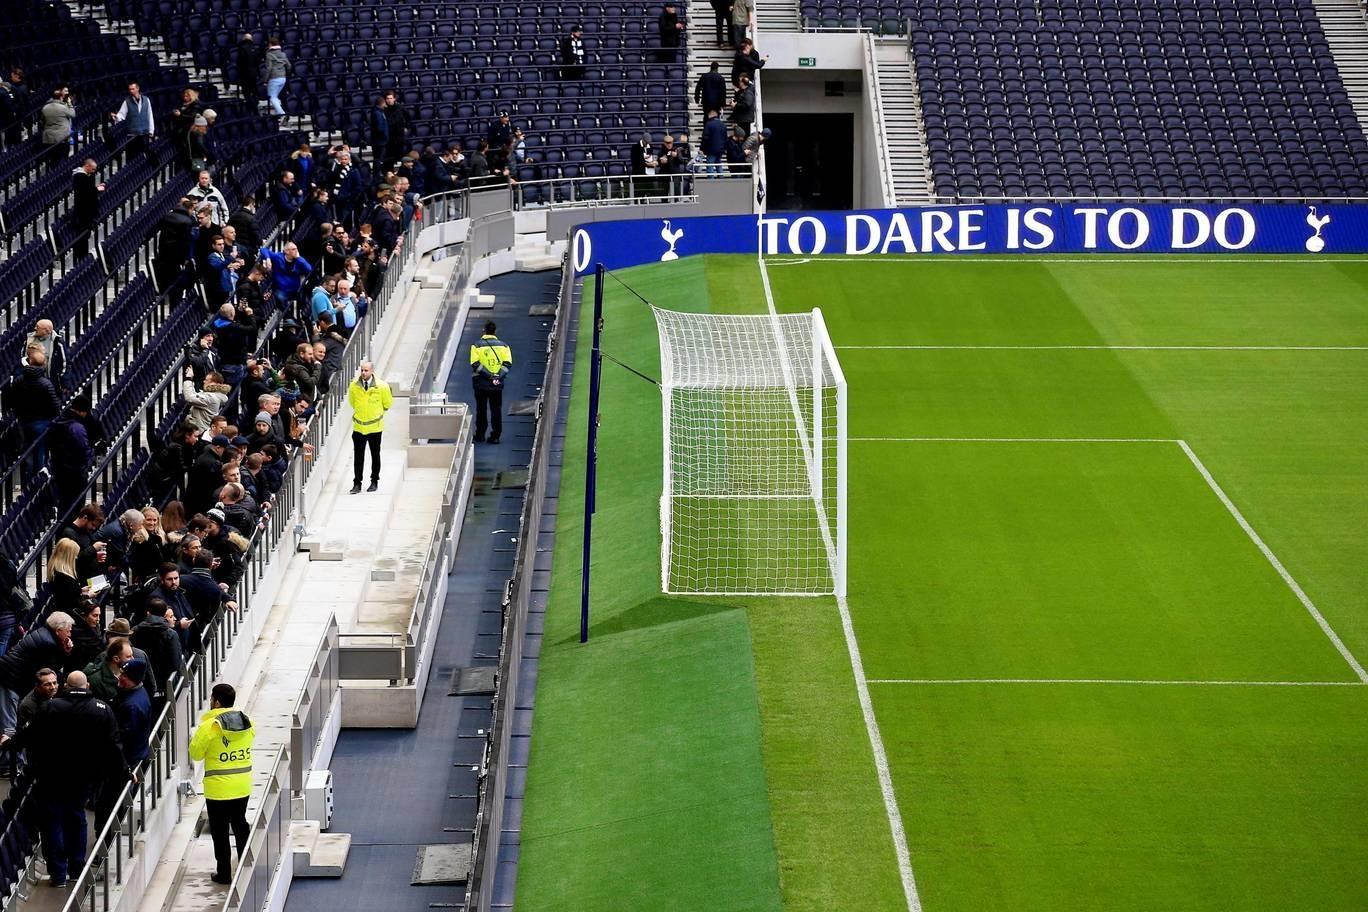 Sieu san van dong moi cua Tottenham Hotspur hinh anh 14